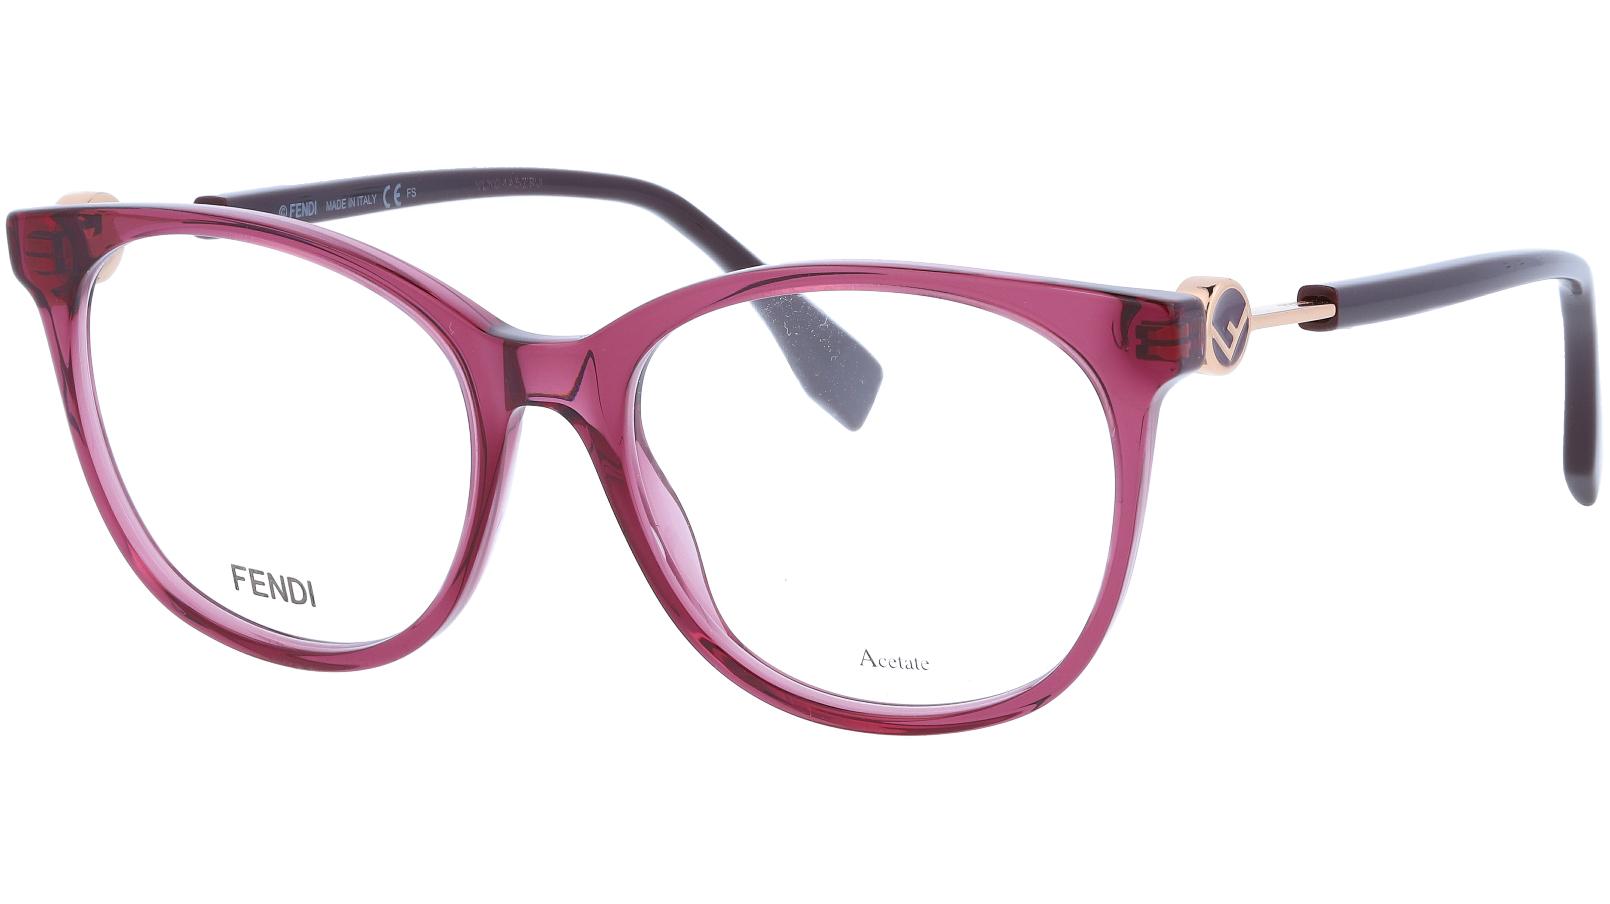 FENDI FF0393 0T7 52 PLUM Glasses